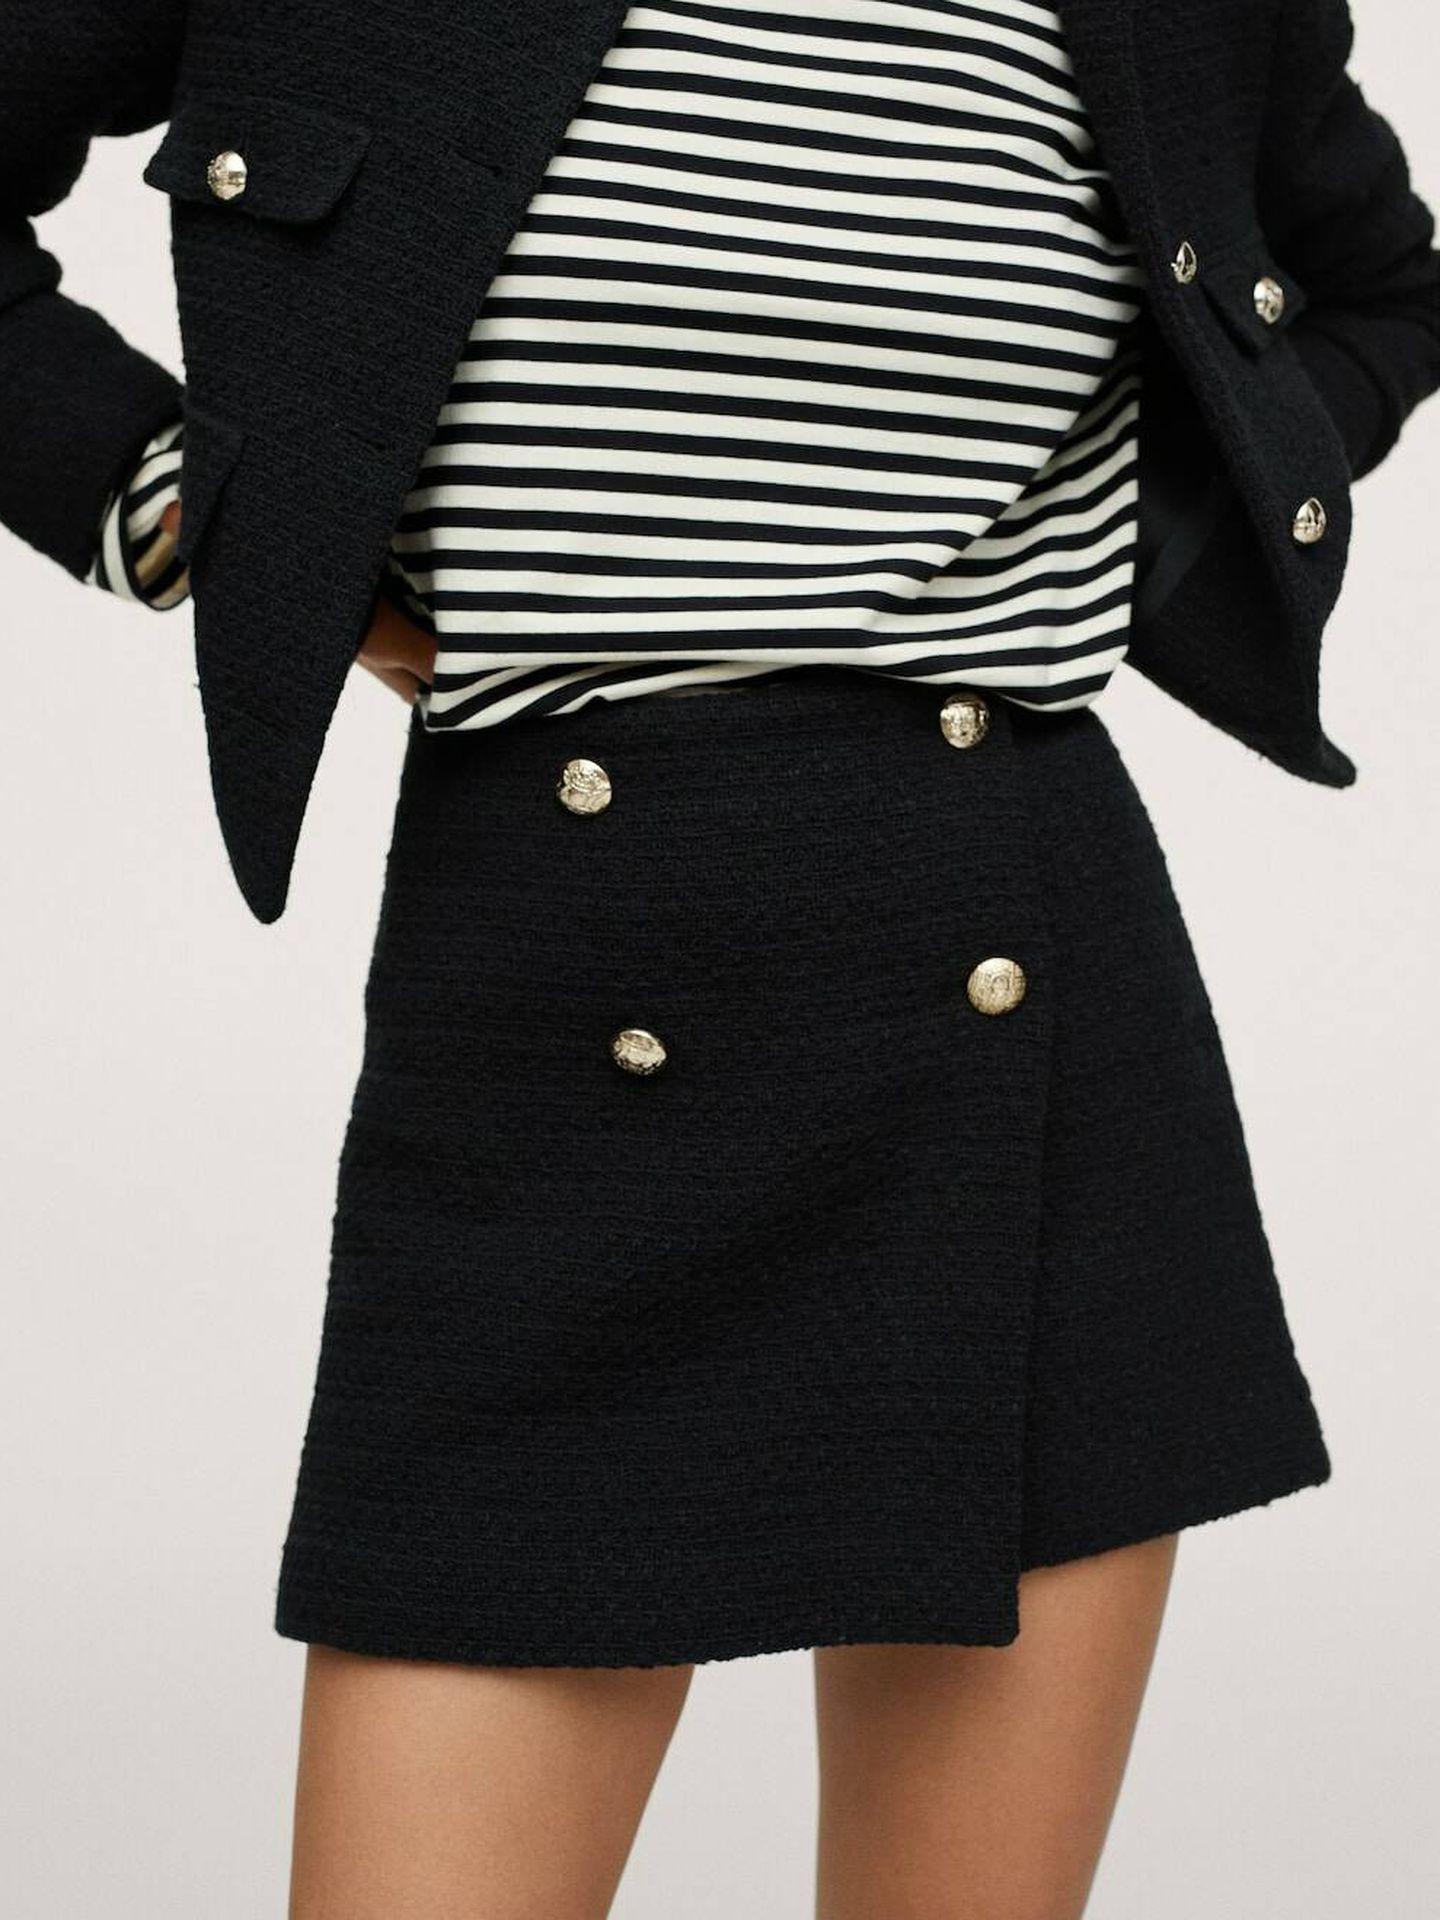 Minifalda de tweed de Mango. (Cortesía)